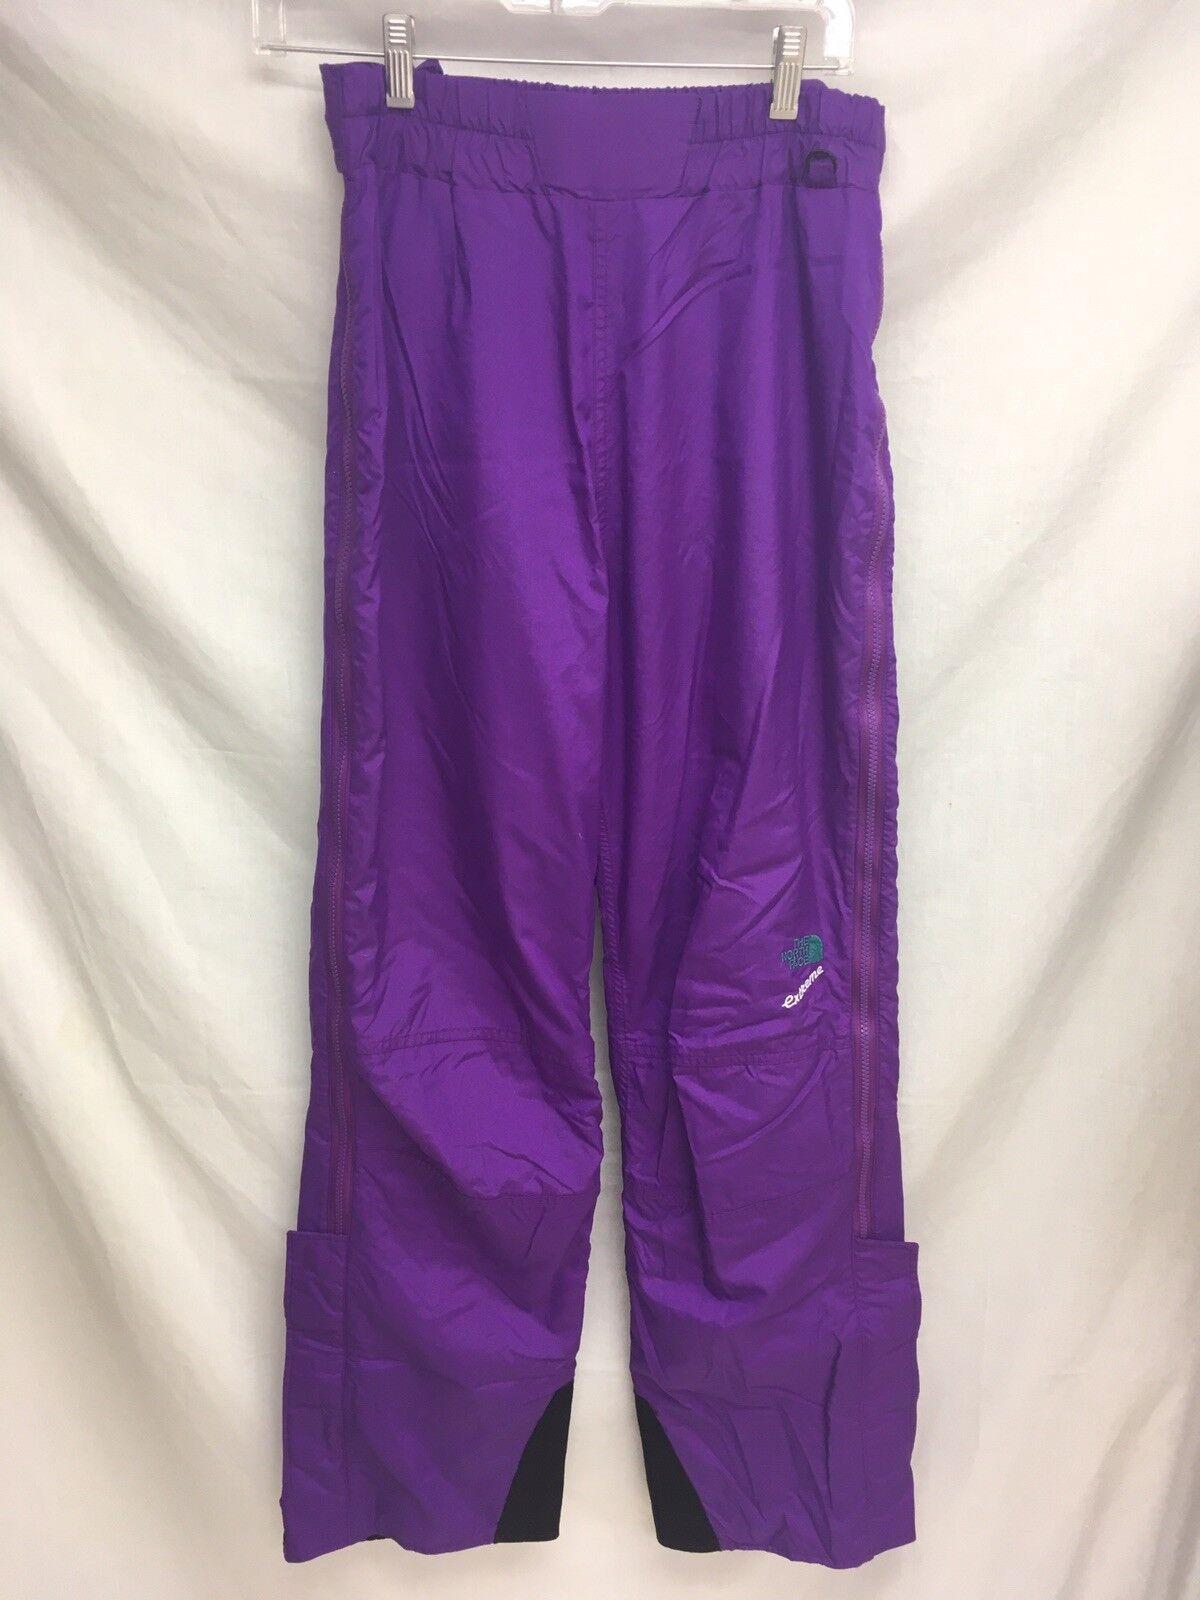 Vintage Northface lila Ski Snow Pant Größe 12(m/l) Größe Zip Euc Lined